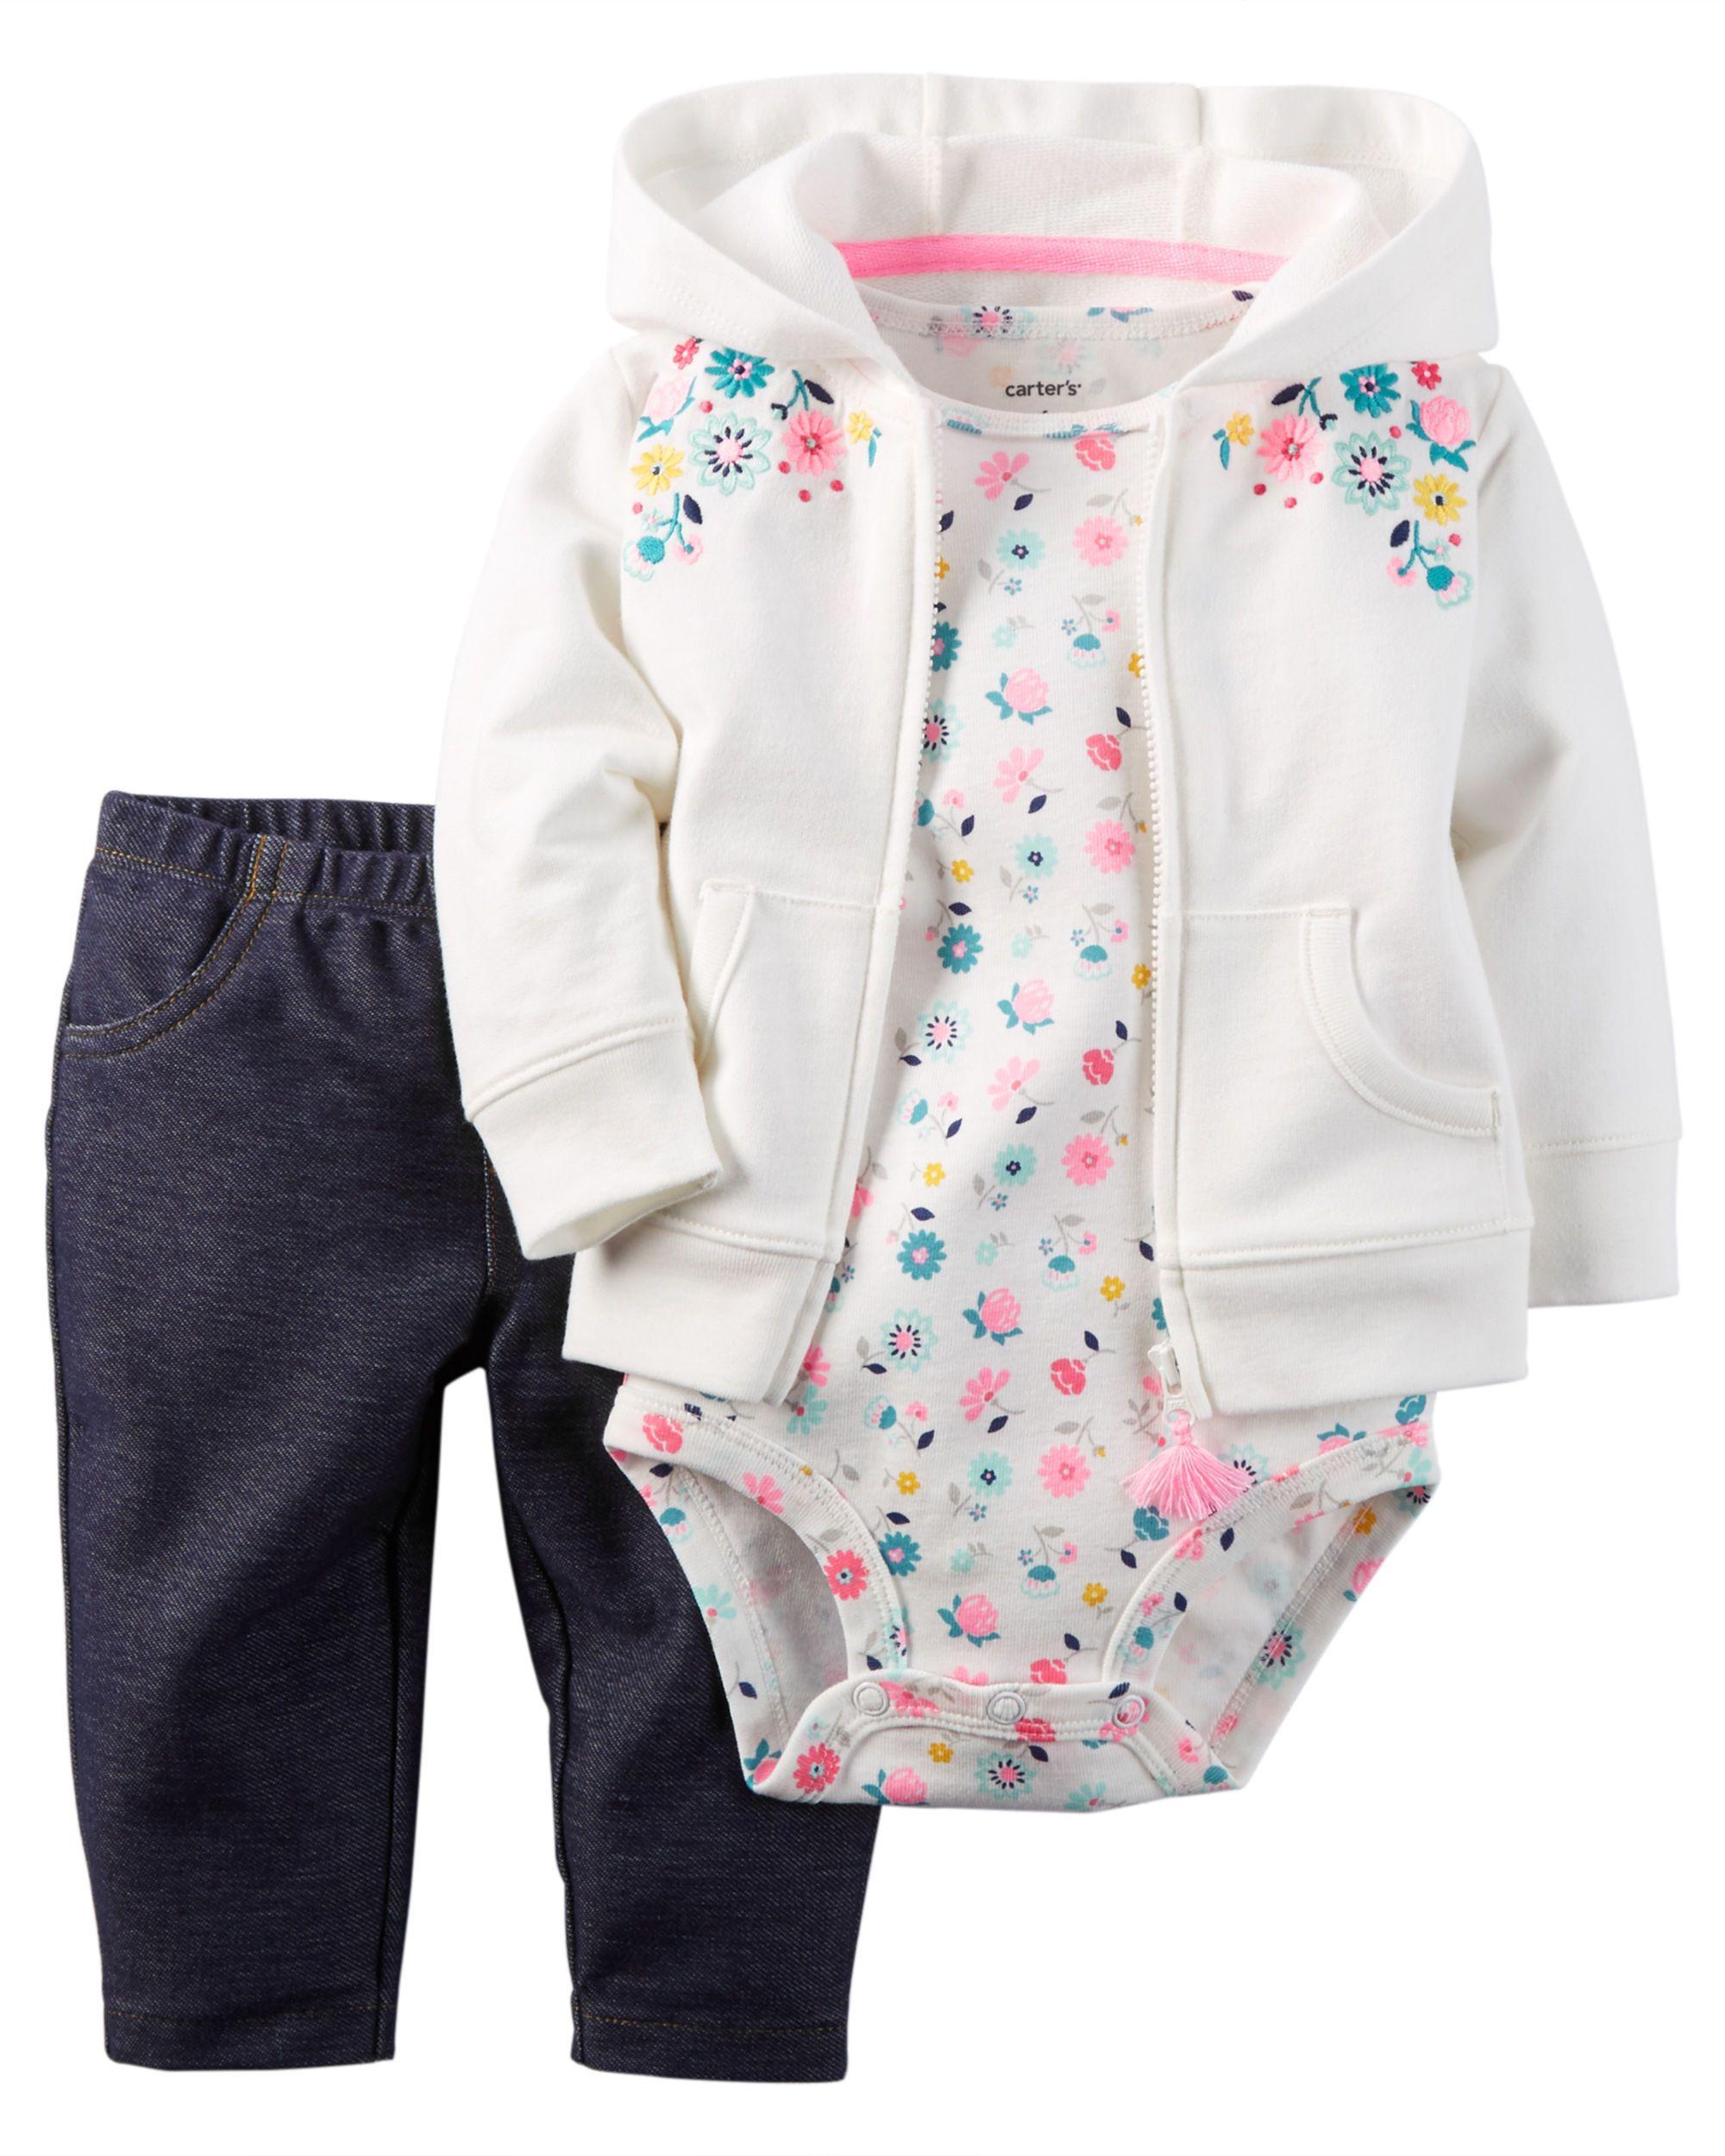 bab25dae9198 Ensemble 3 pièces cardigan pour bébés filles